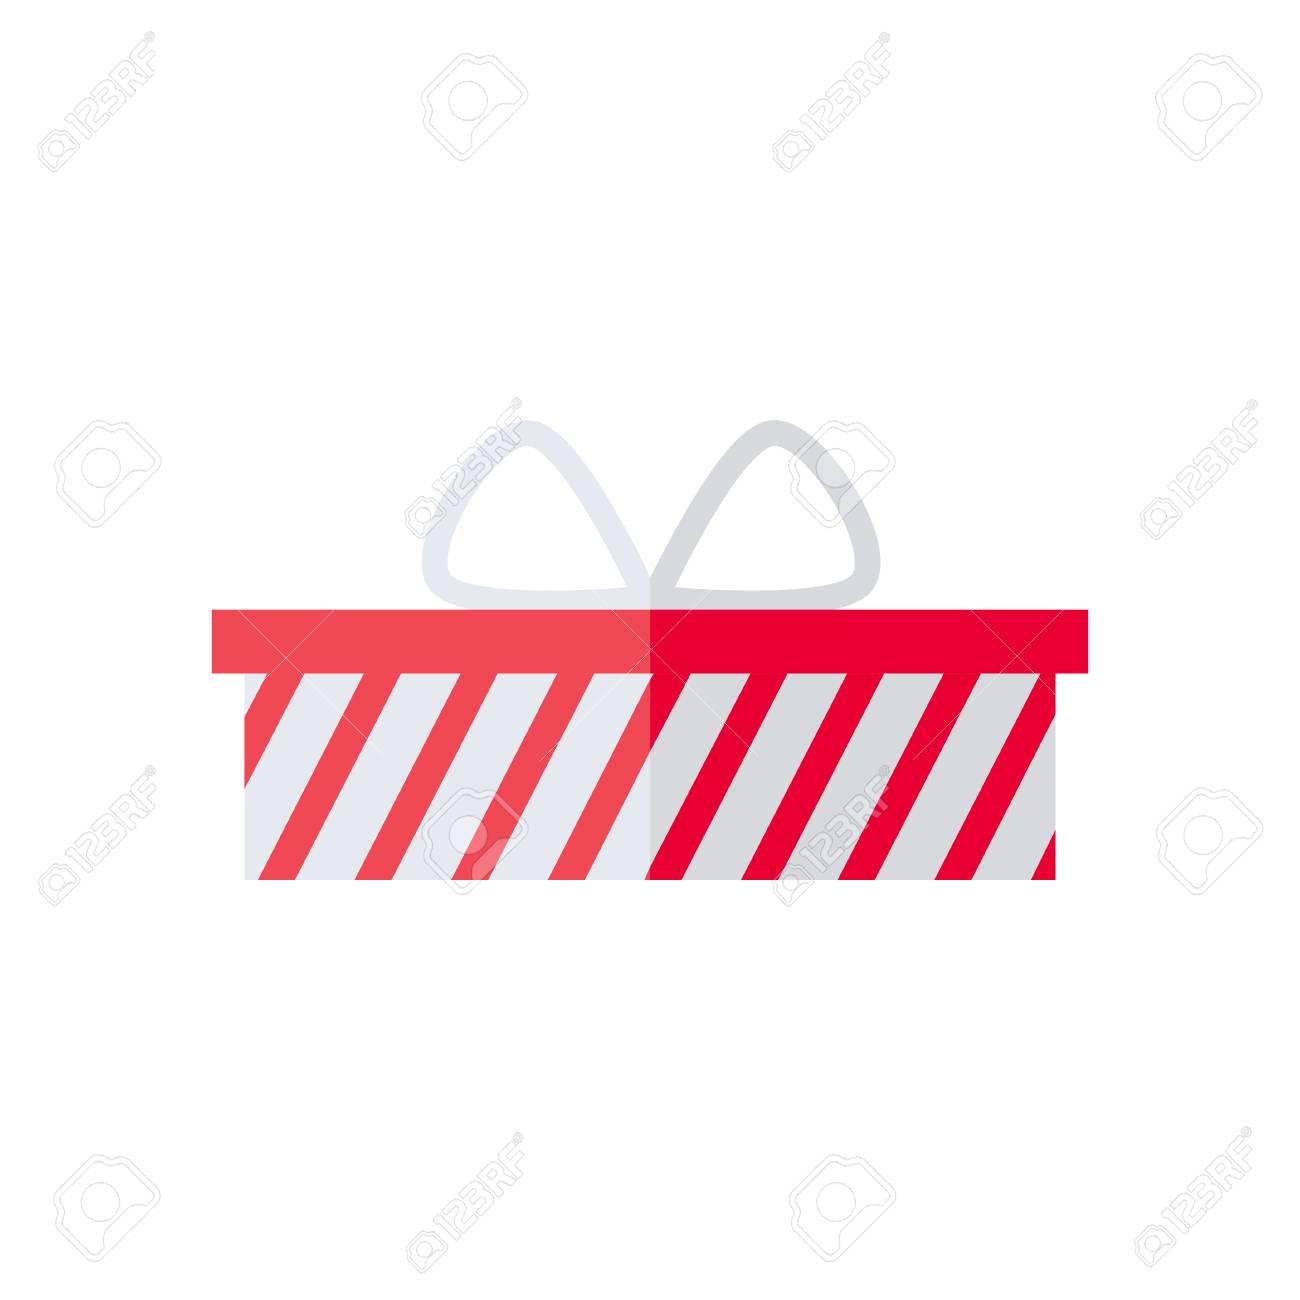 Prasentkarton Lokalisierte Ikone Auf Weissem Hintergrund Geschenk